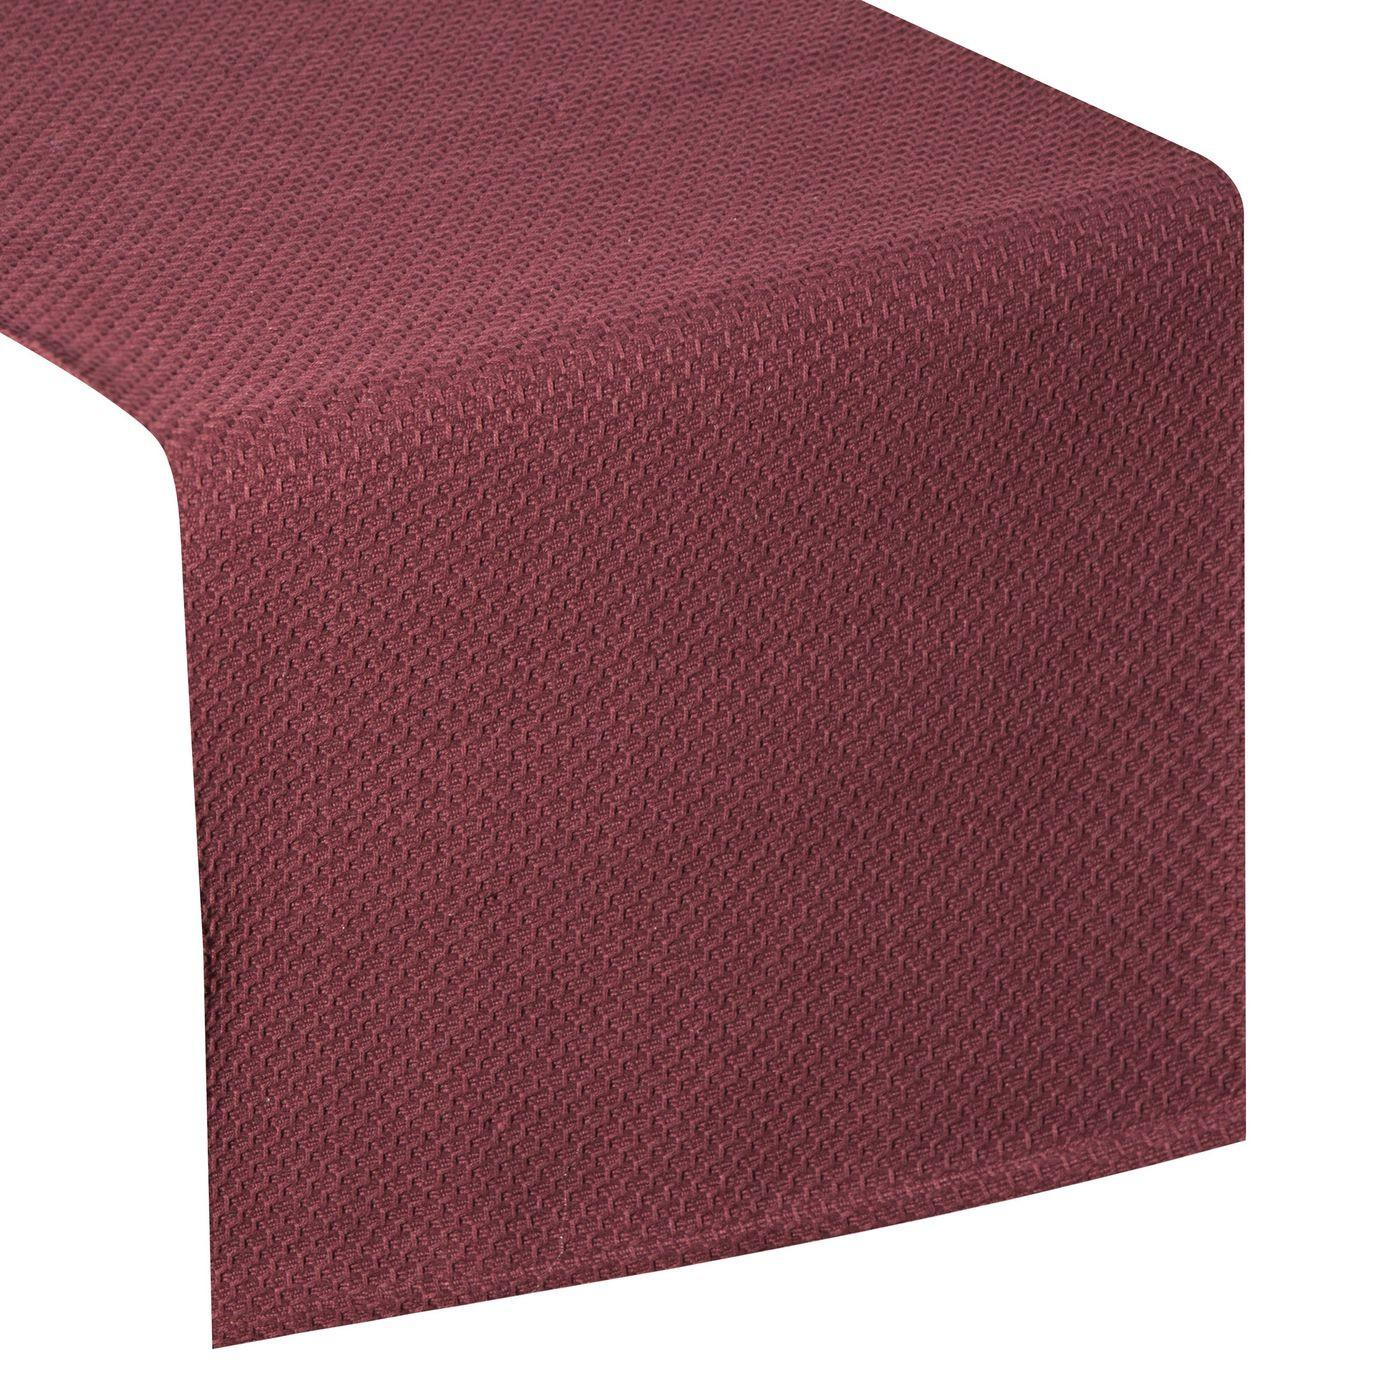 Bordowy bieżnik na stół bawełniany 40x140 cm